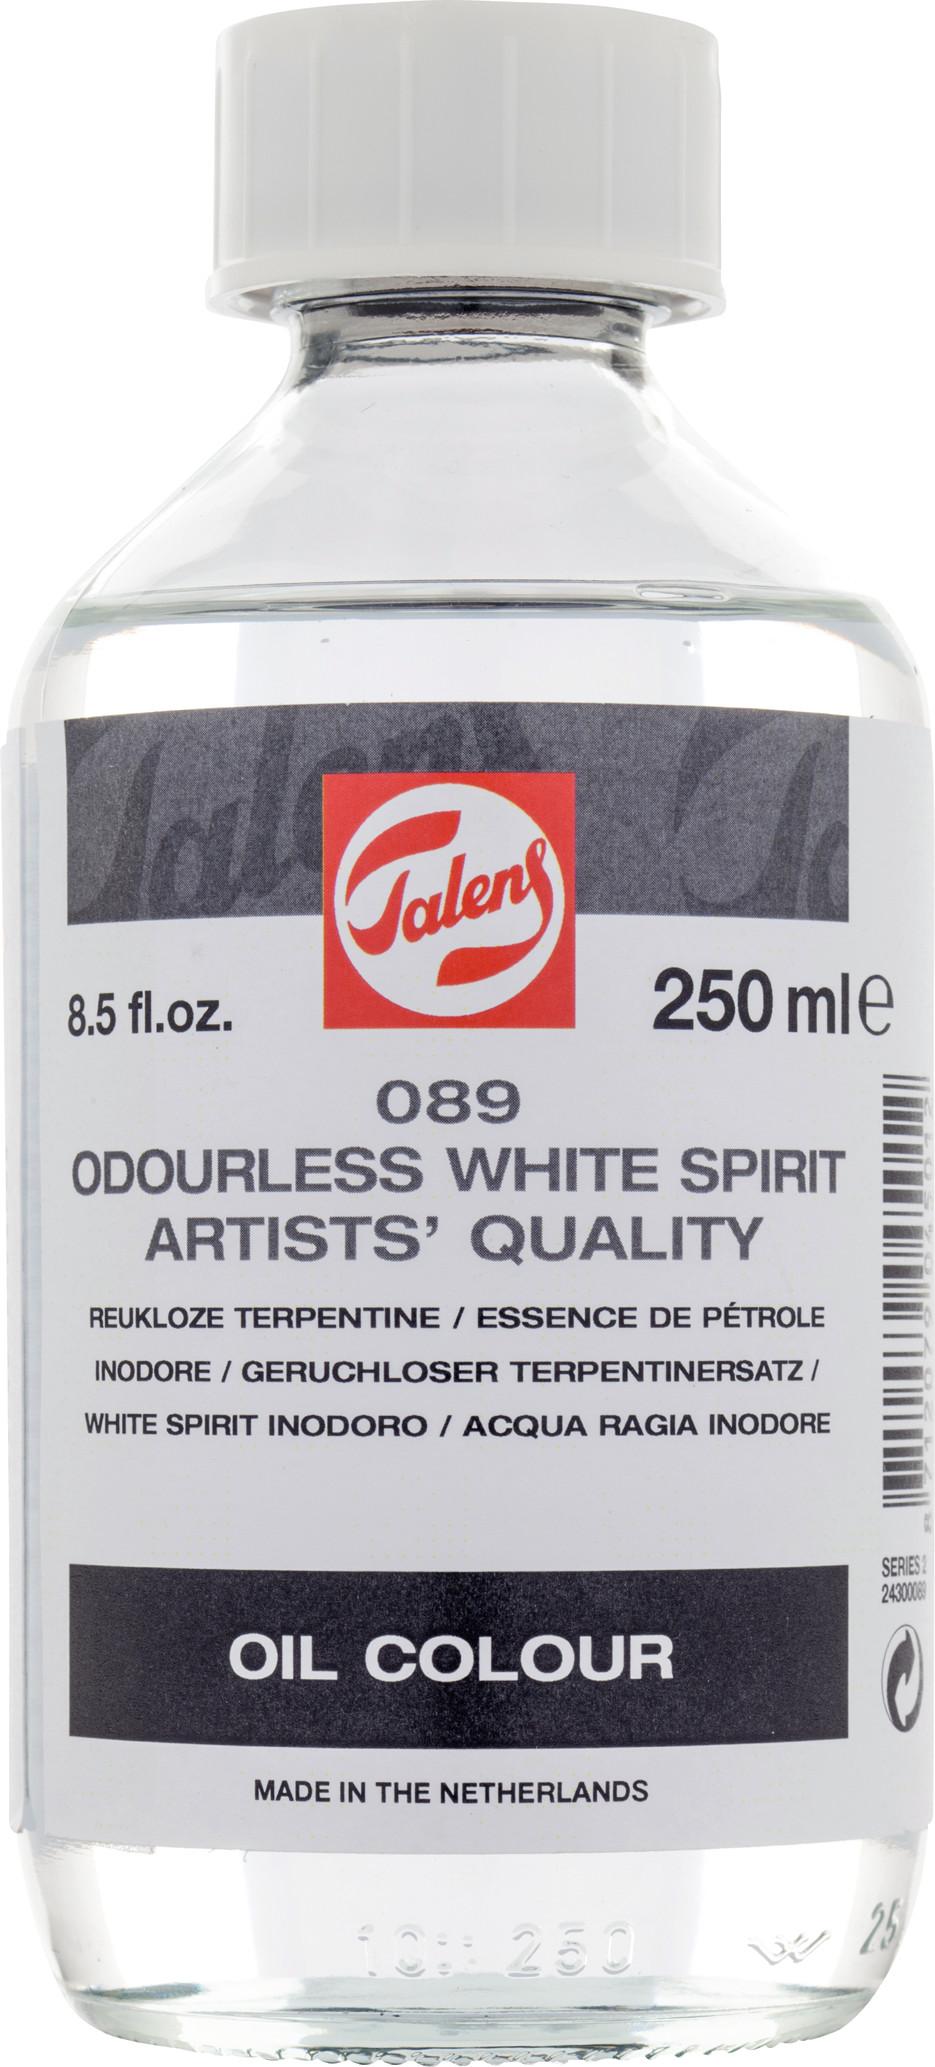 Odourless White Spirit Bottle 250 ml